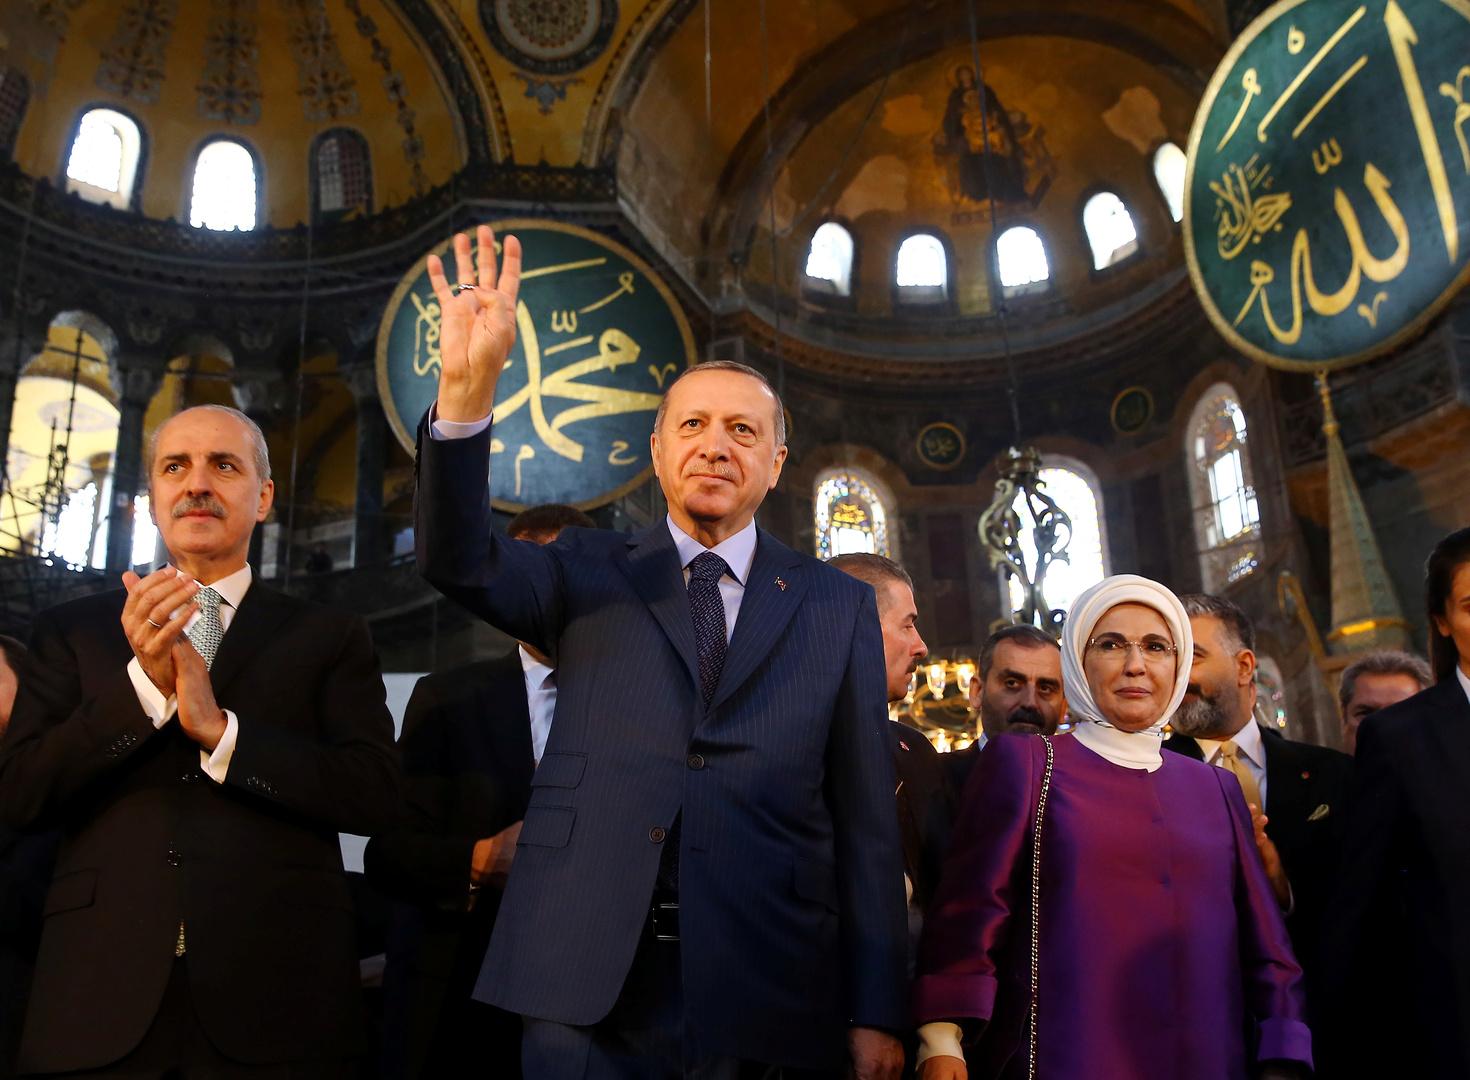 أردوغان: يجب إخراج المرتزقة من ليبيا وتركيا أصبحت أمل ملايين المظلومين